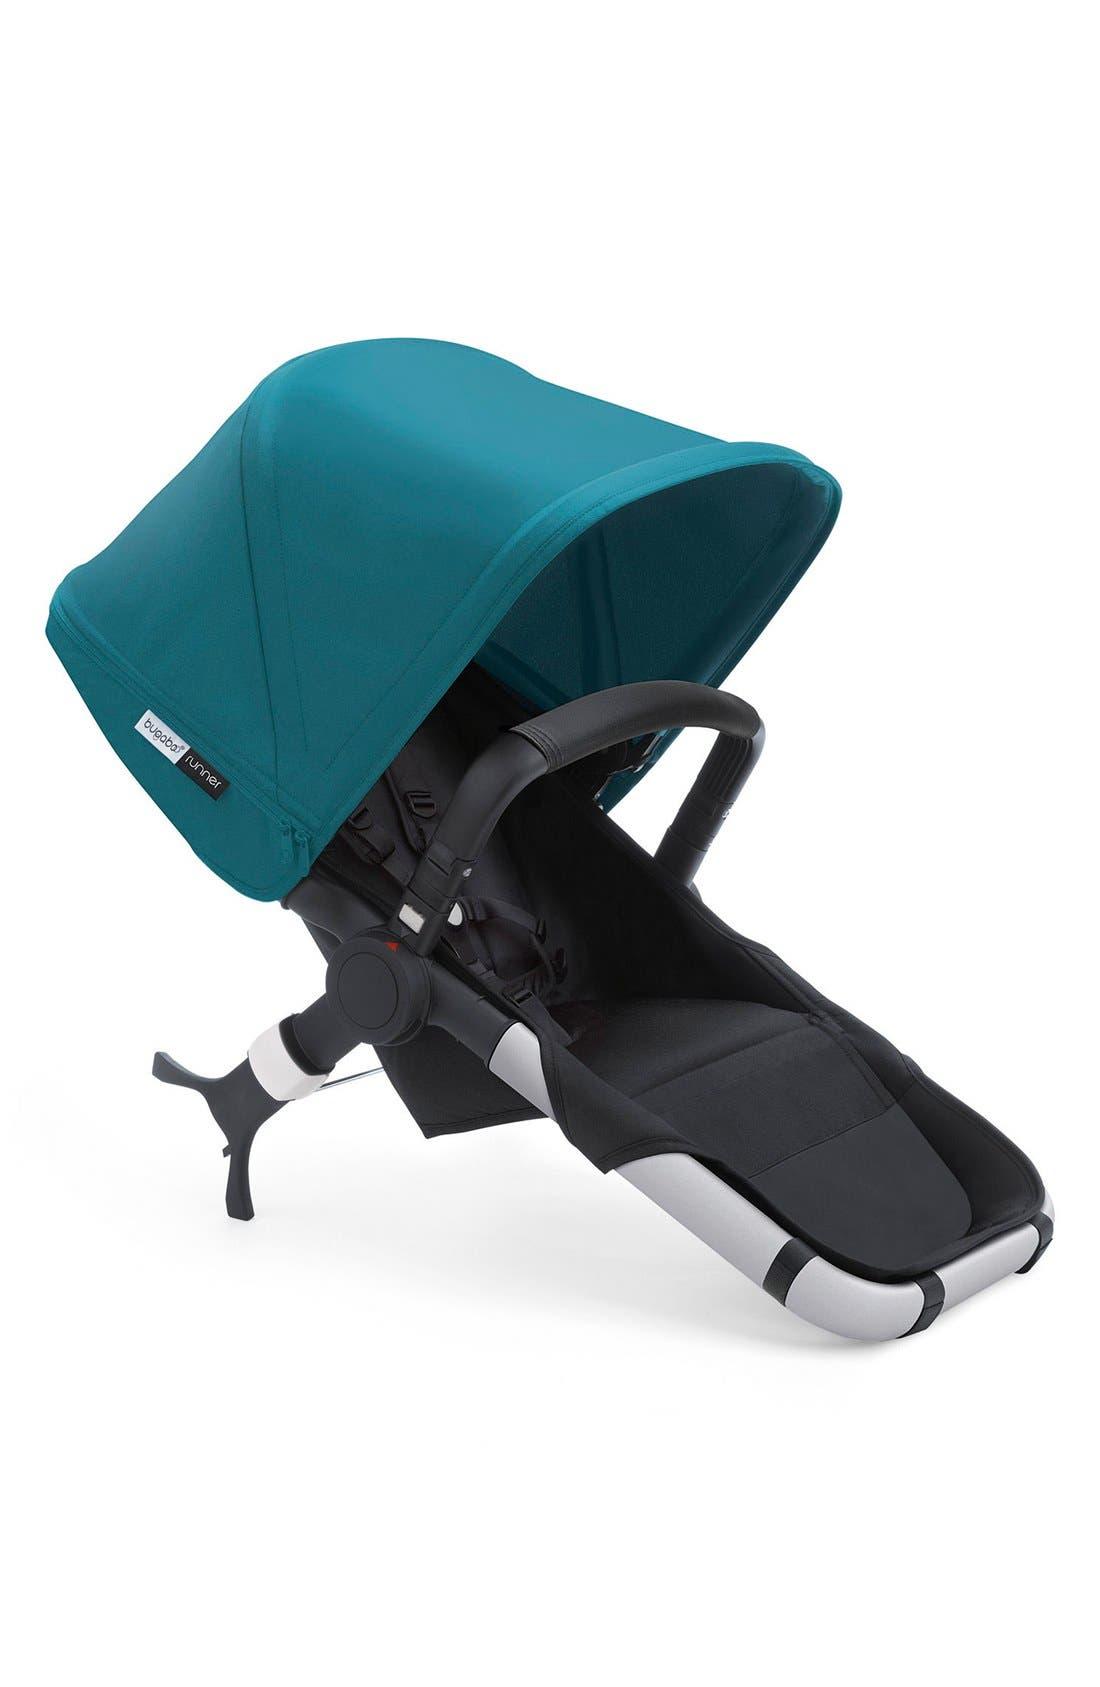 Runner Seat for Bugaboo Runner Stroller,                             Main thumbnail 1, color,                             Black/ Petrol Blue